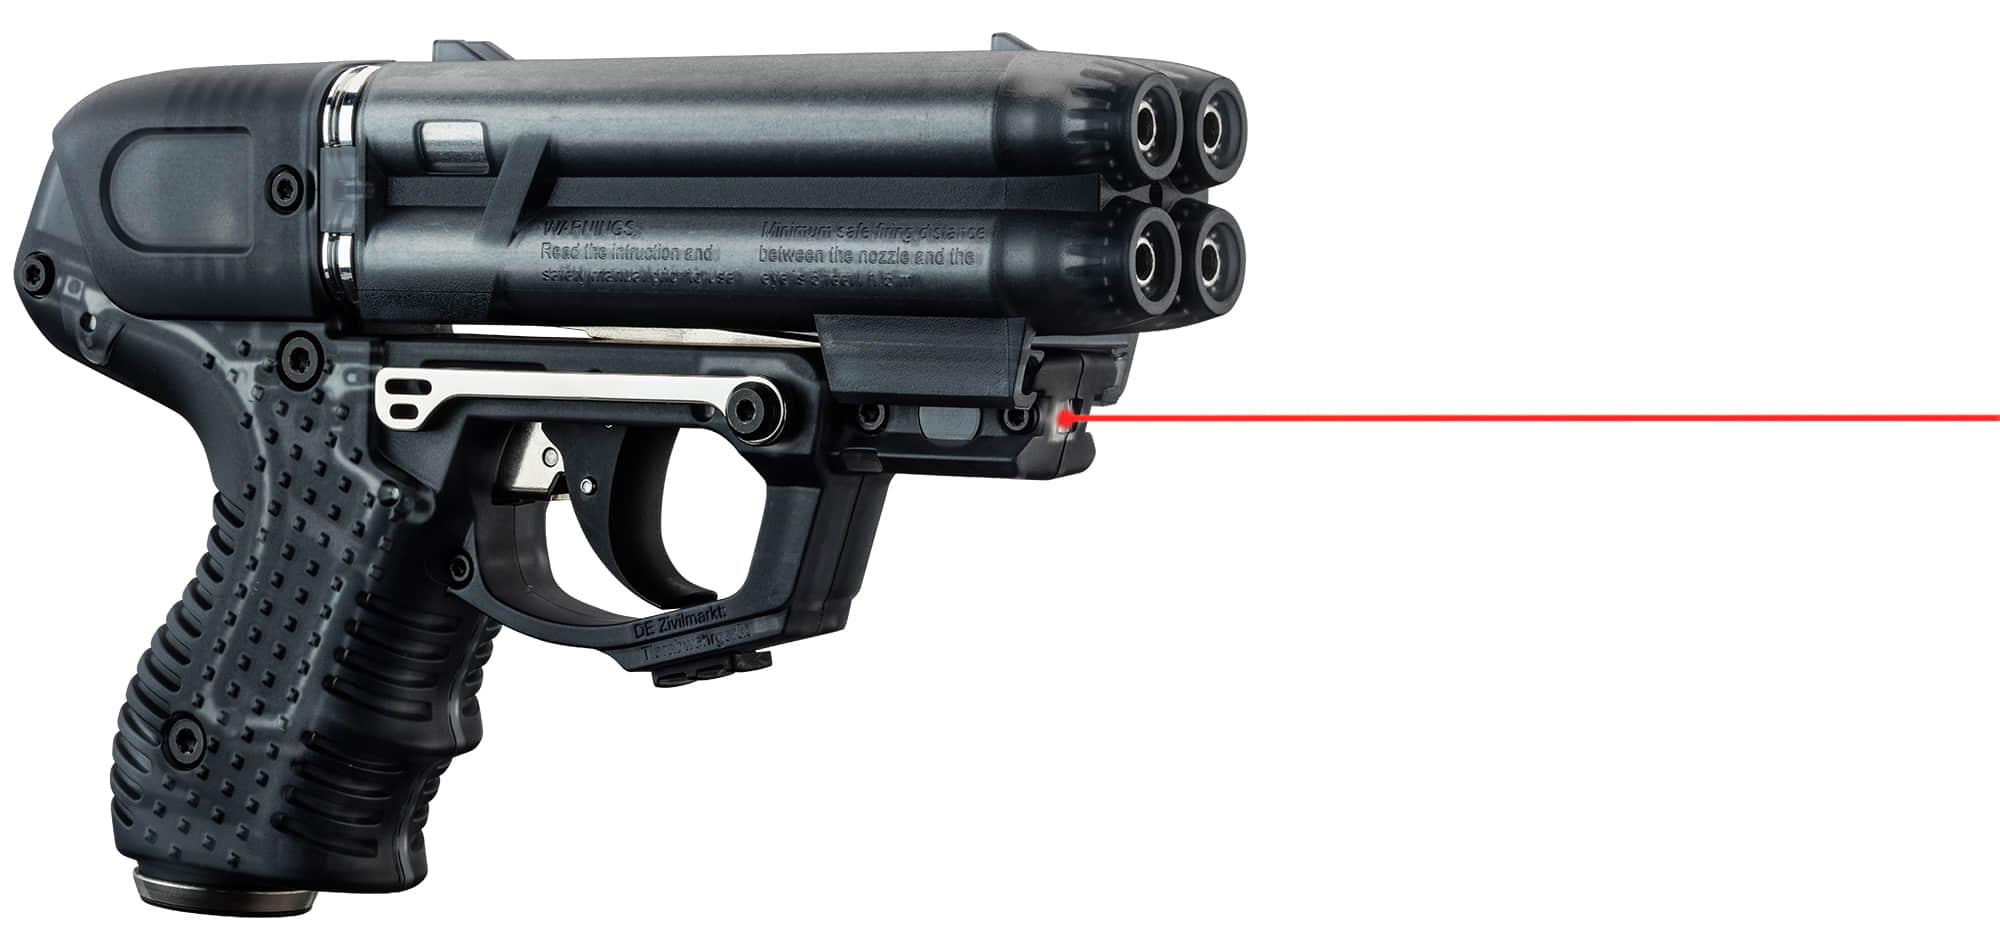 JPX6 nouvelle génération 4 coups Compact avec laser